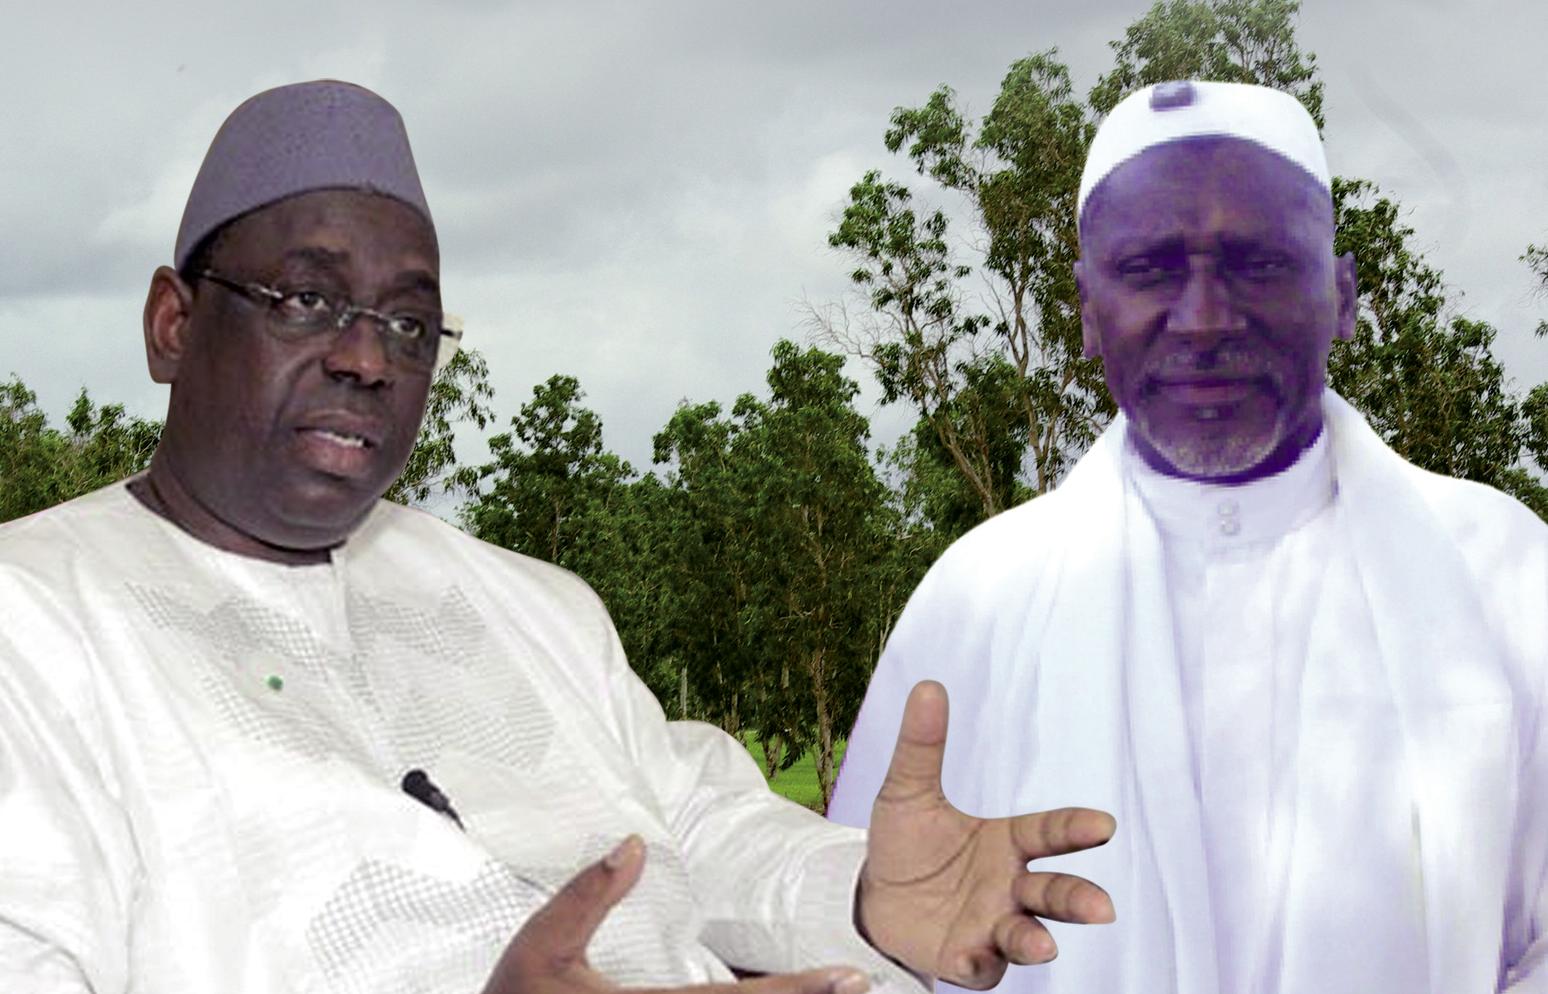 Mfdc et La Guinée-Bissau : les attaques et déballages du chef rebelle Salif Sadio contre l'Etat Sénégal